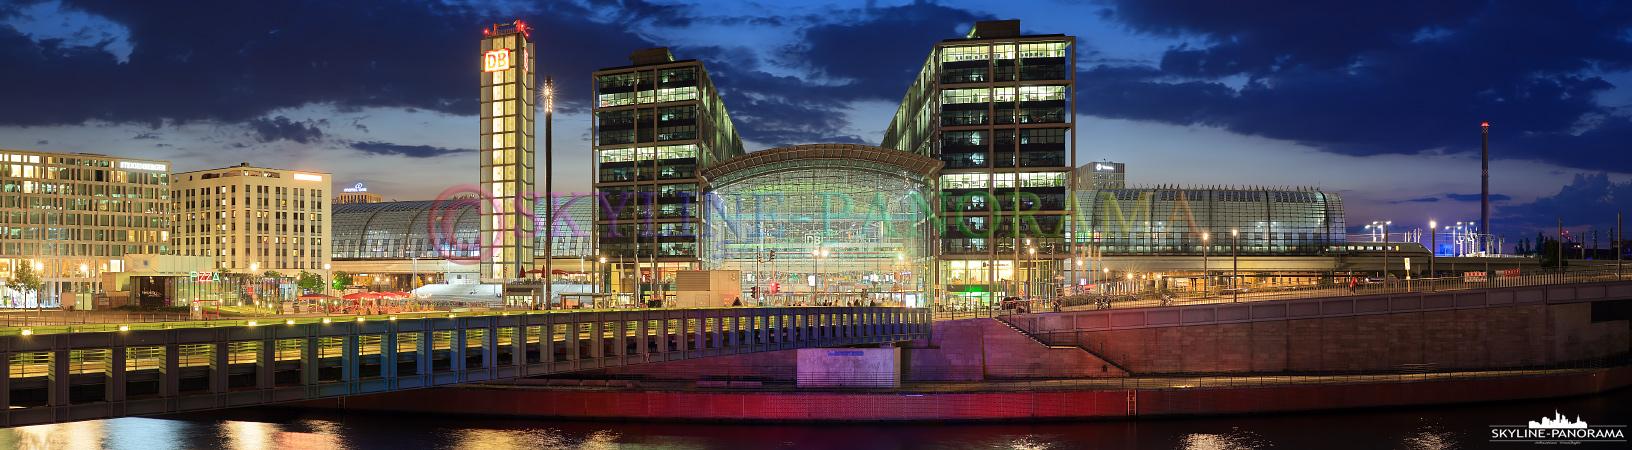 Hauptstadt Bilder - Dieses Panorama zeigt die beiden Haupteingangsportale des Berliner Hauptbahnhofs in der Dämmerung.